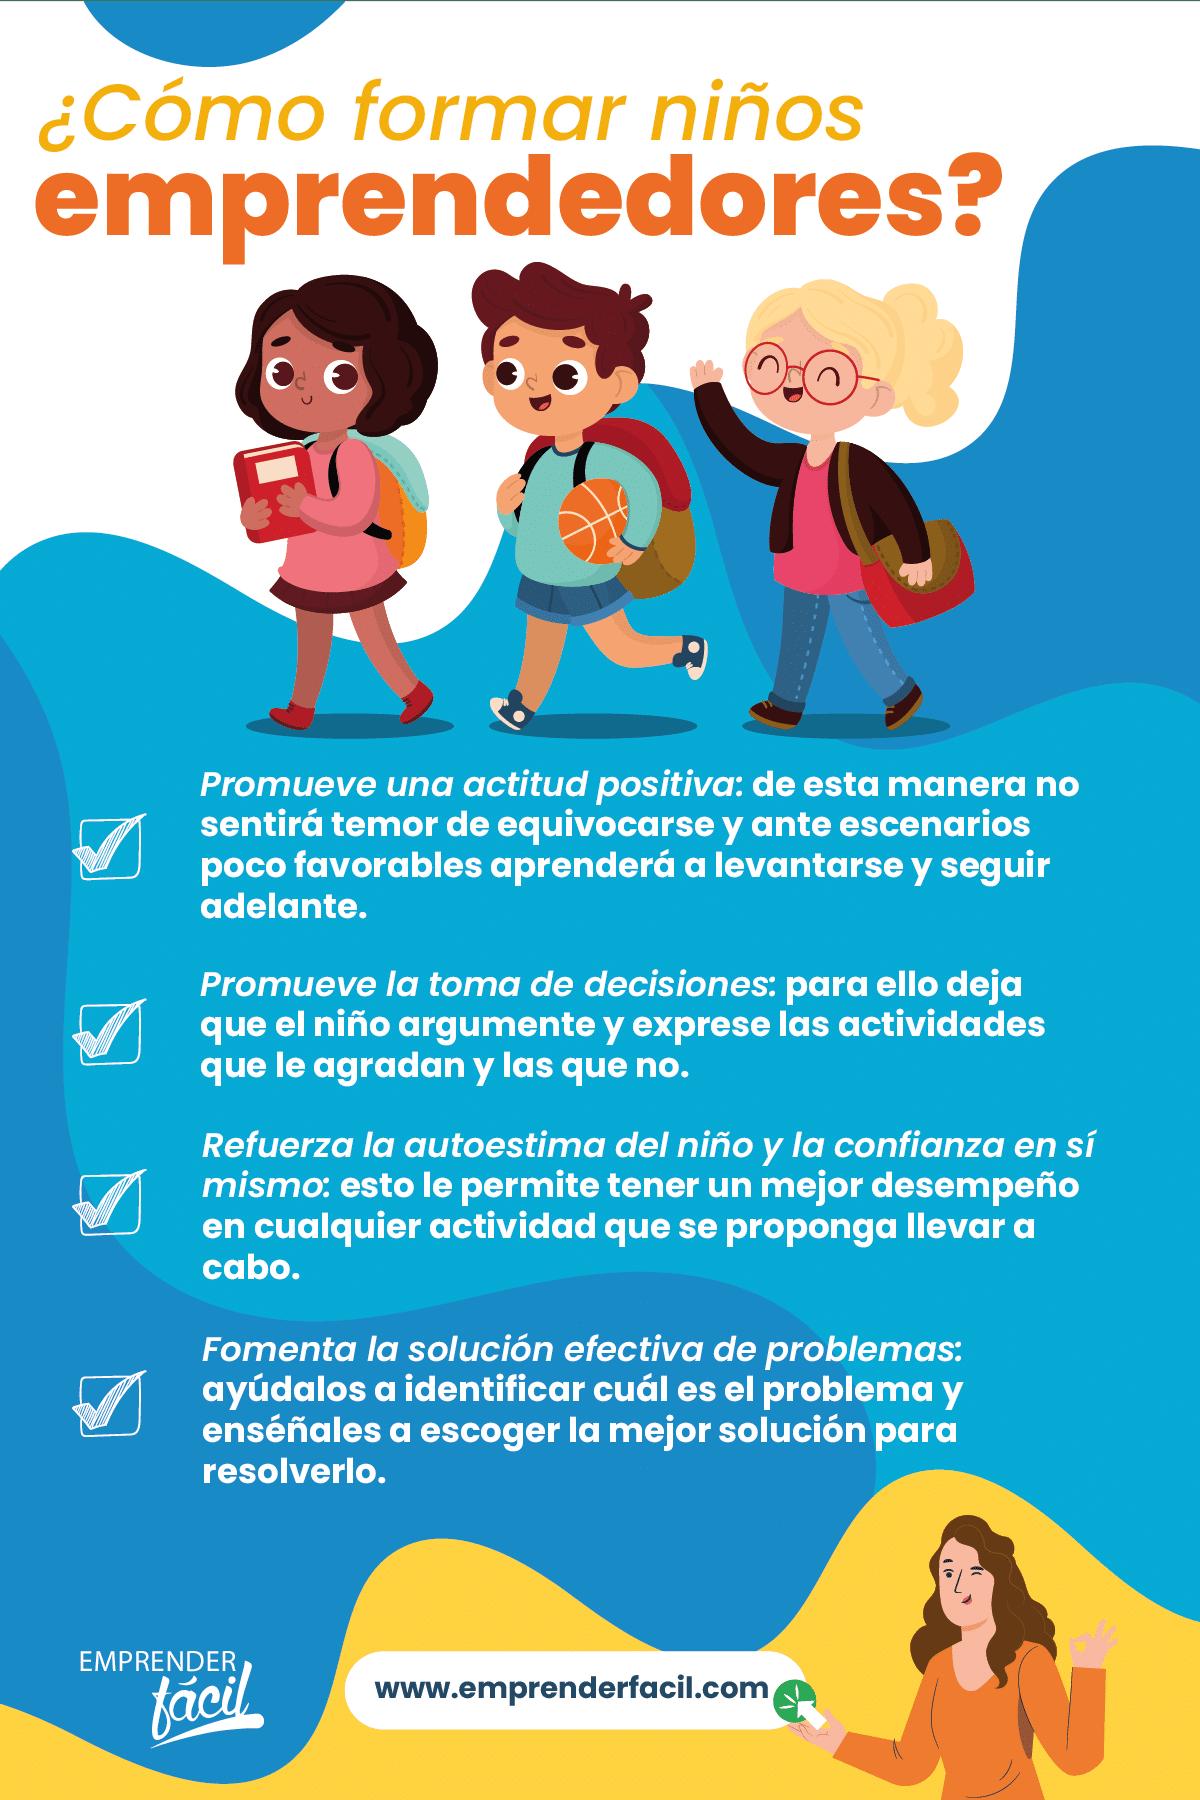 ¿Cómo formar niños emprendedores en Colombia?